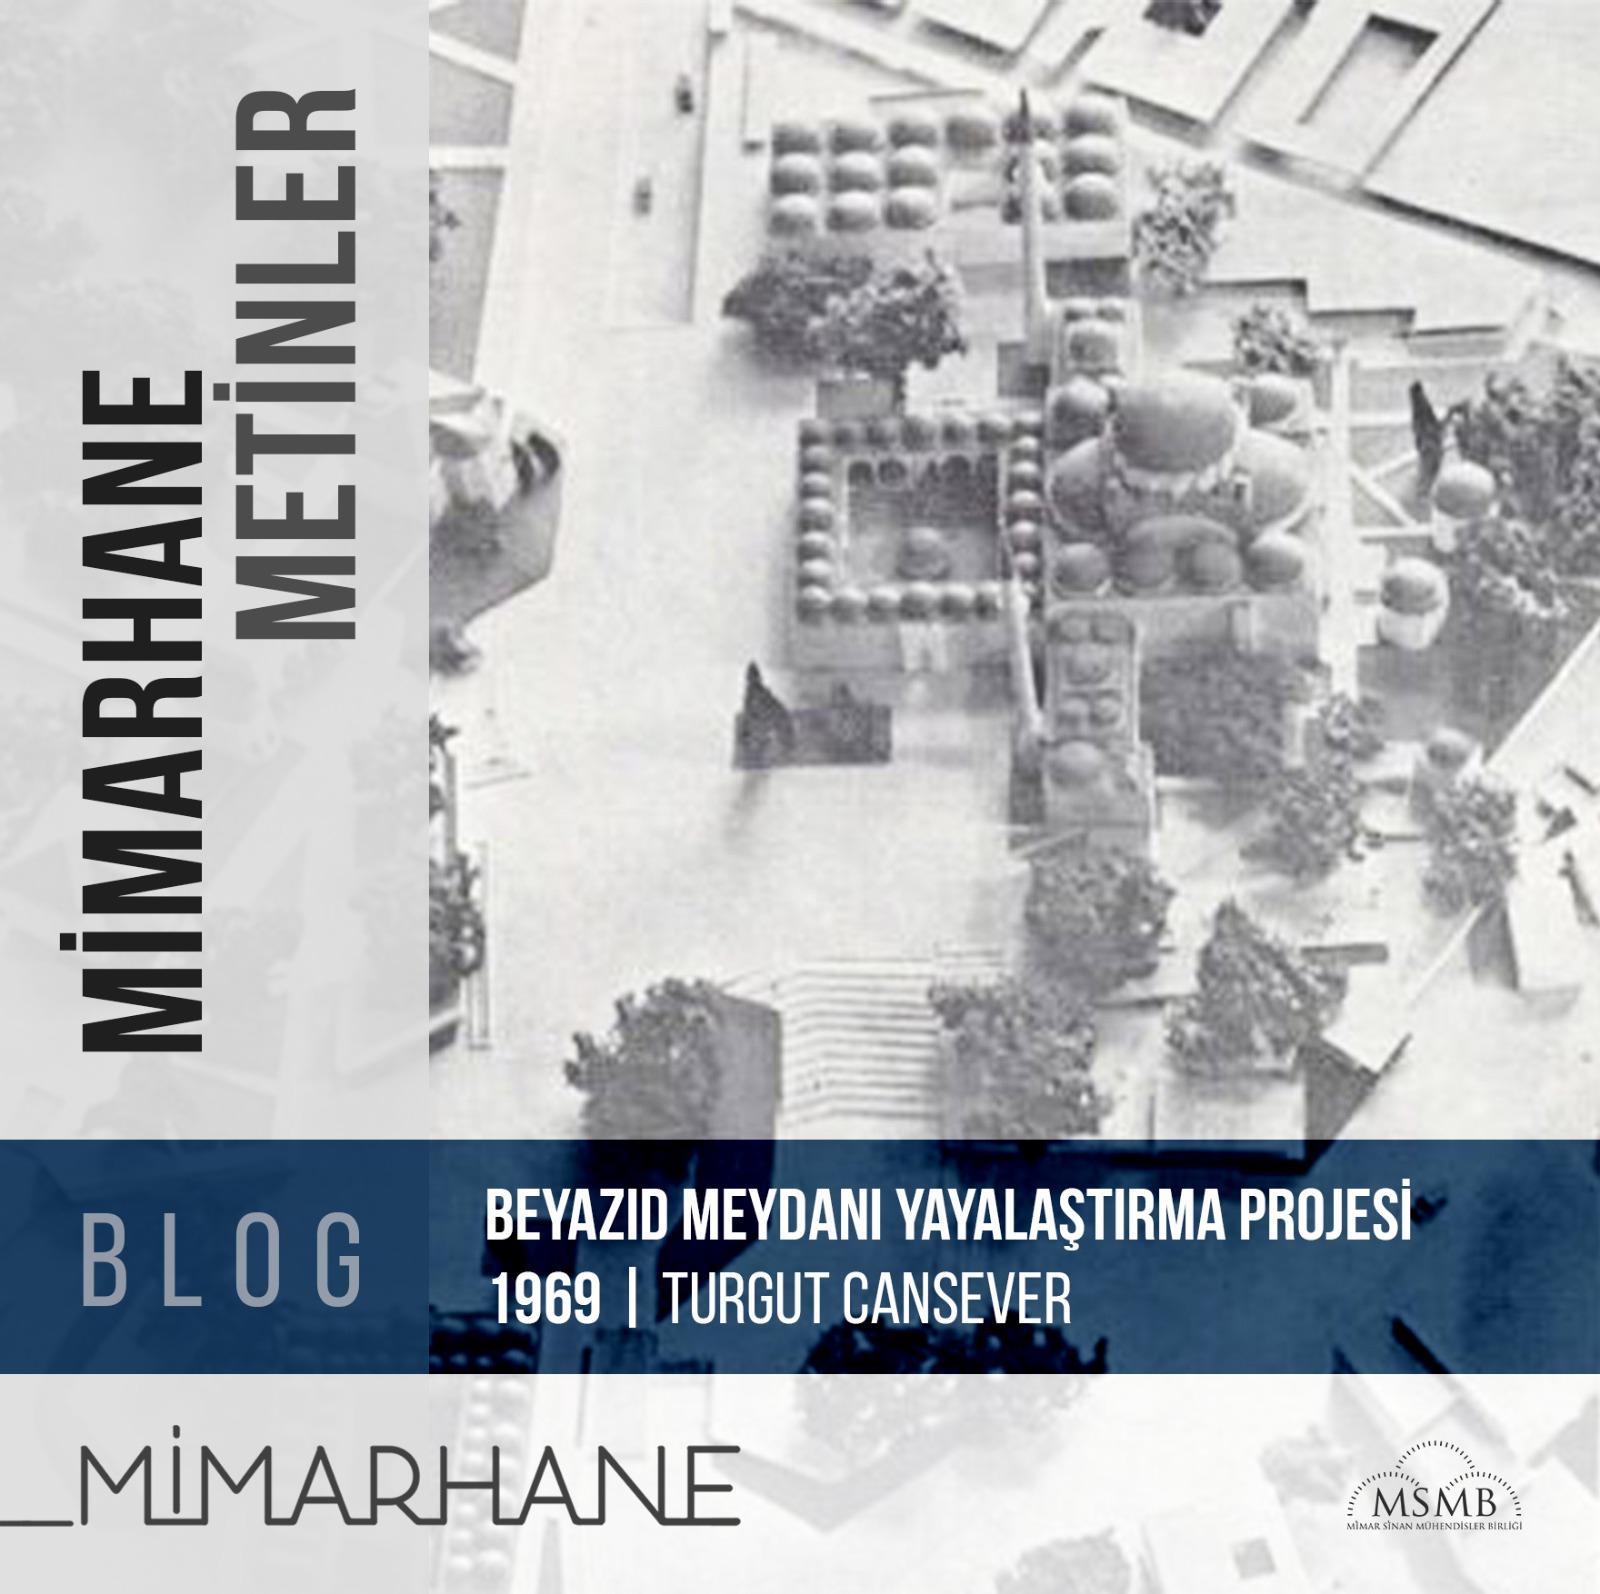 Beyazıd Meydanı Yayalaştırma Projesi, 1969   Turgut Cansever